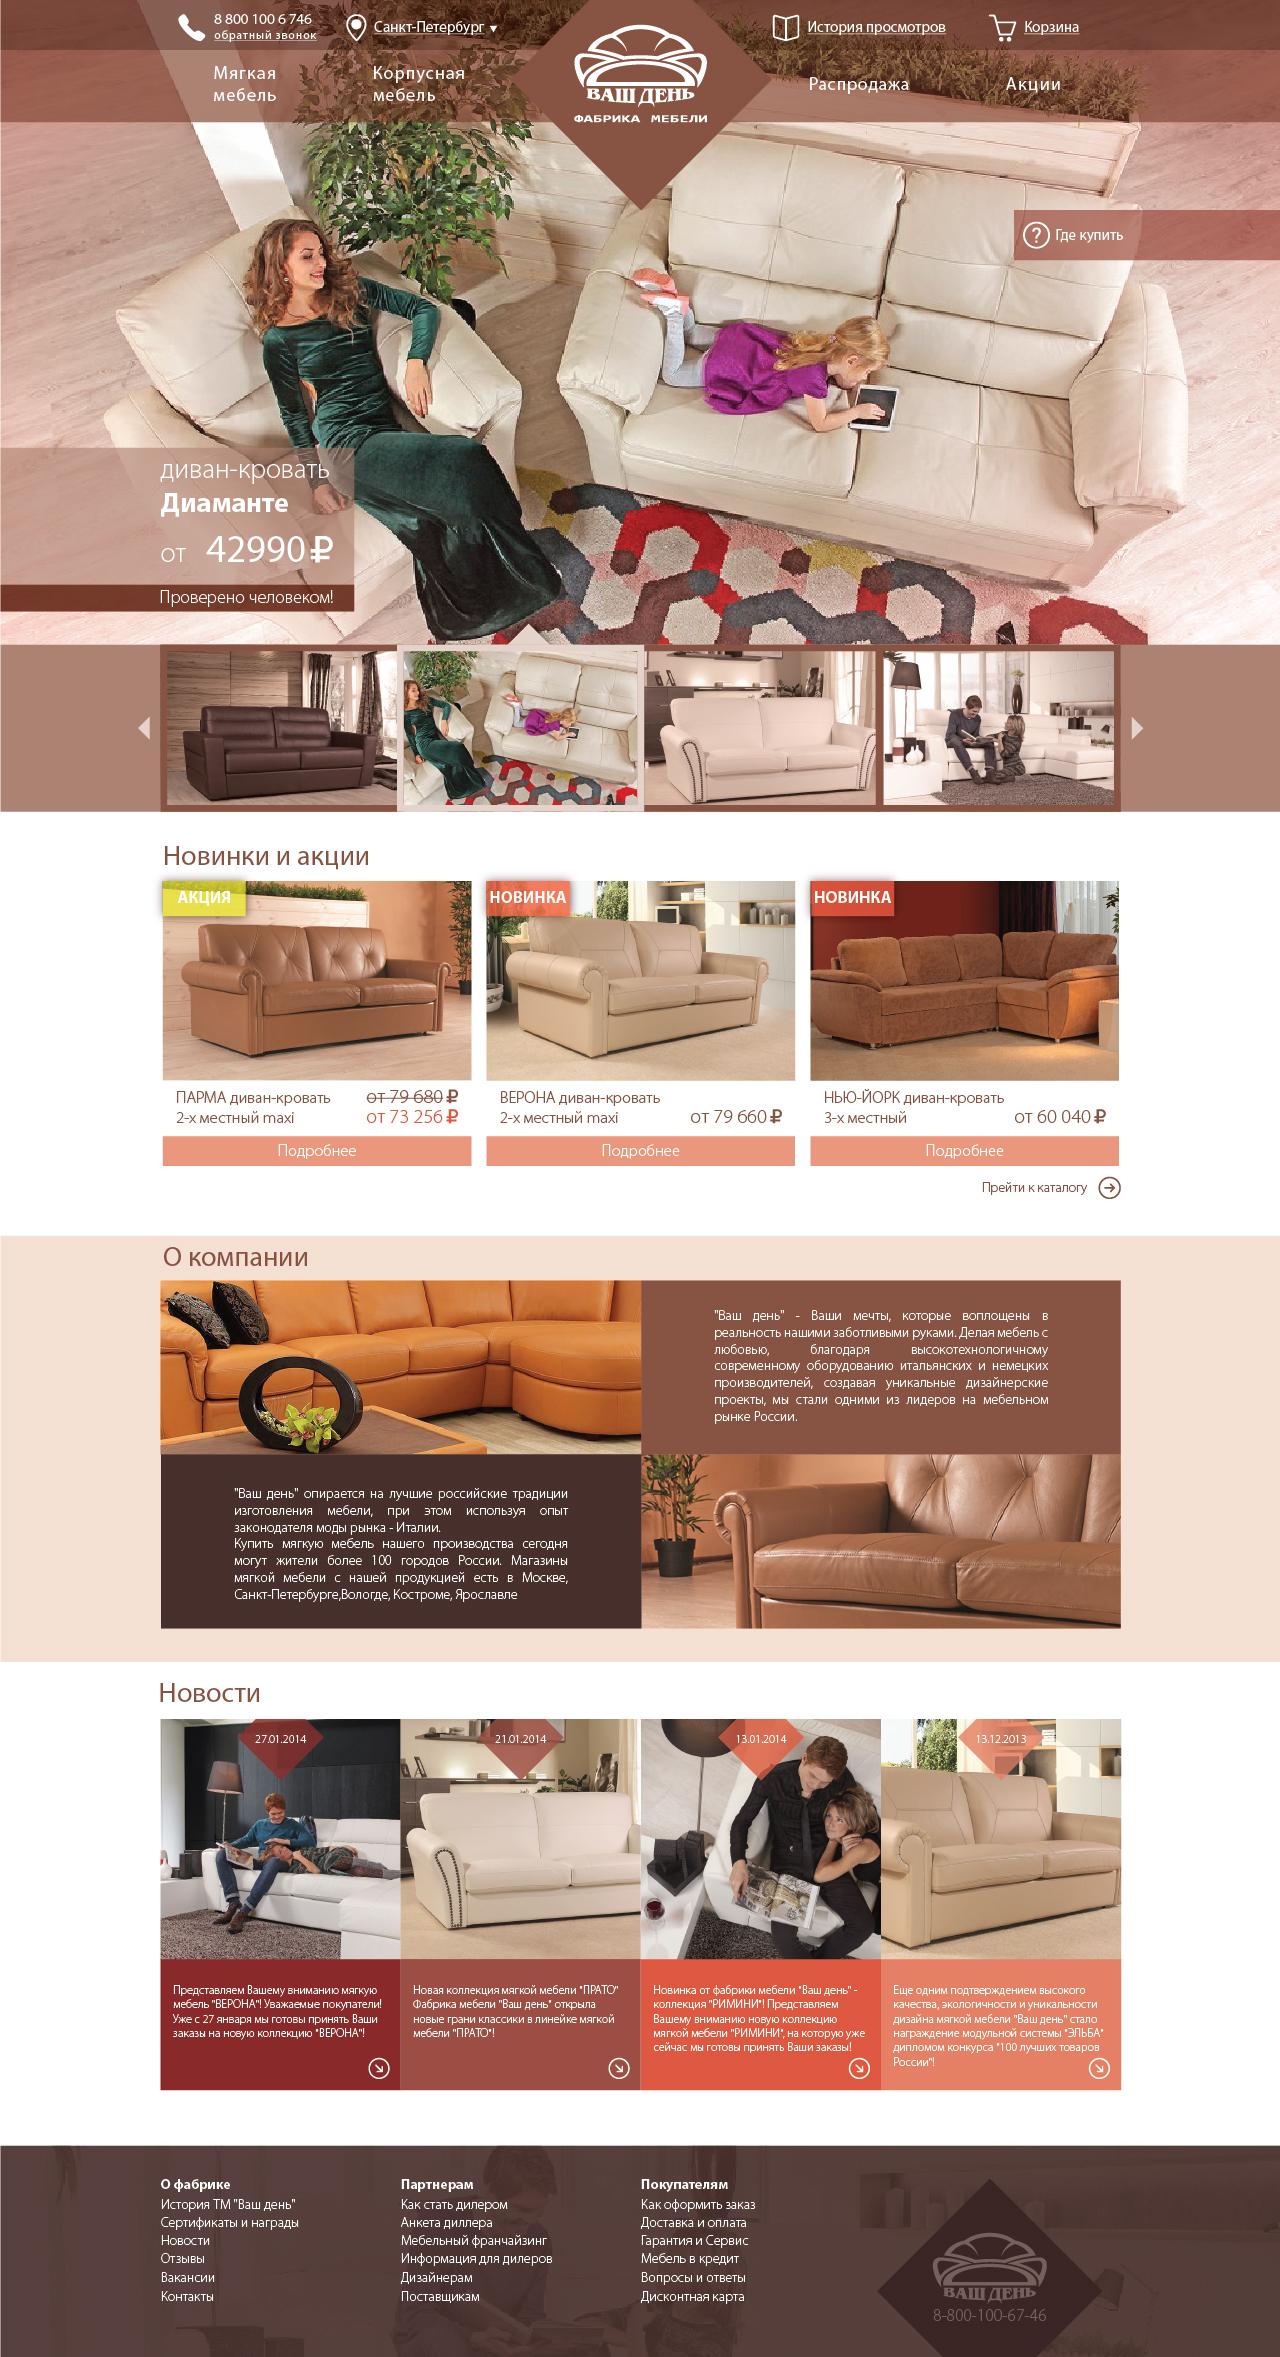 Разработать дизайн для интернет-магазина мебели фото f_76152ef840ab7093.jpg